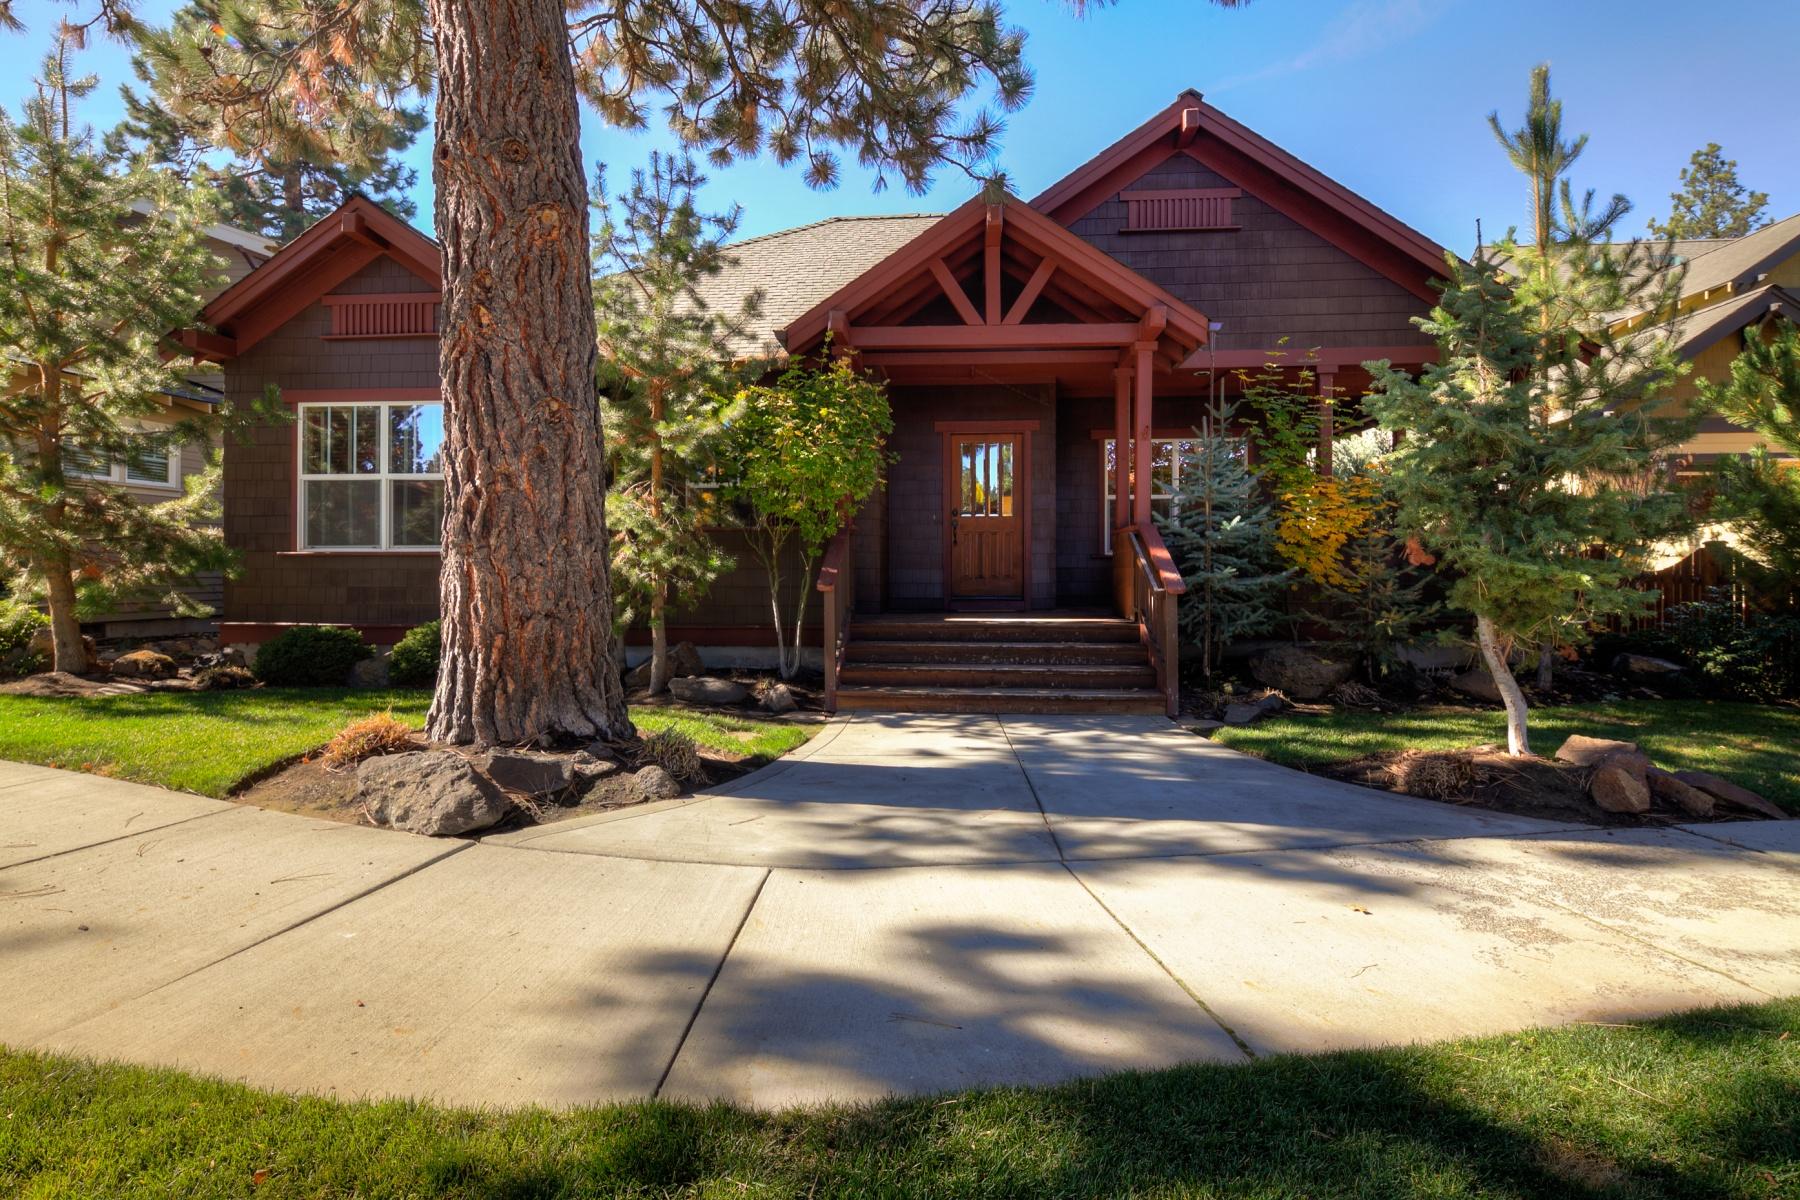 一戸建て のために 売買 アット Northwest Crossing Cottage 1657 NW Lepage Pl Bend, オレゴン 97701 アメリカ合衆国